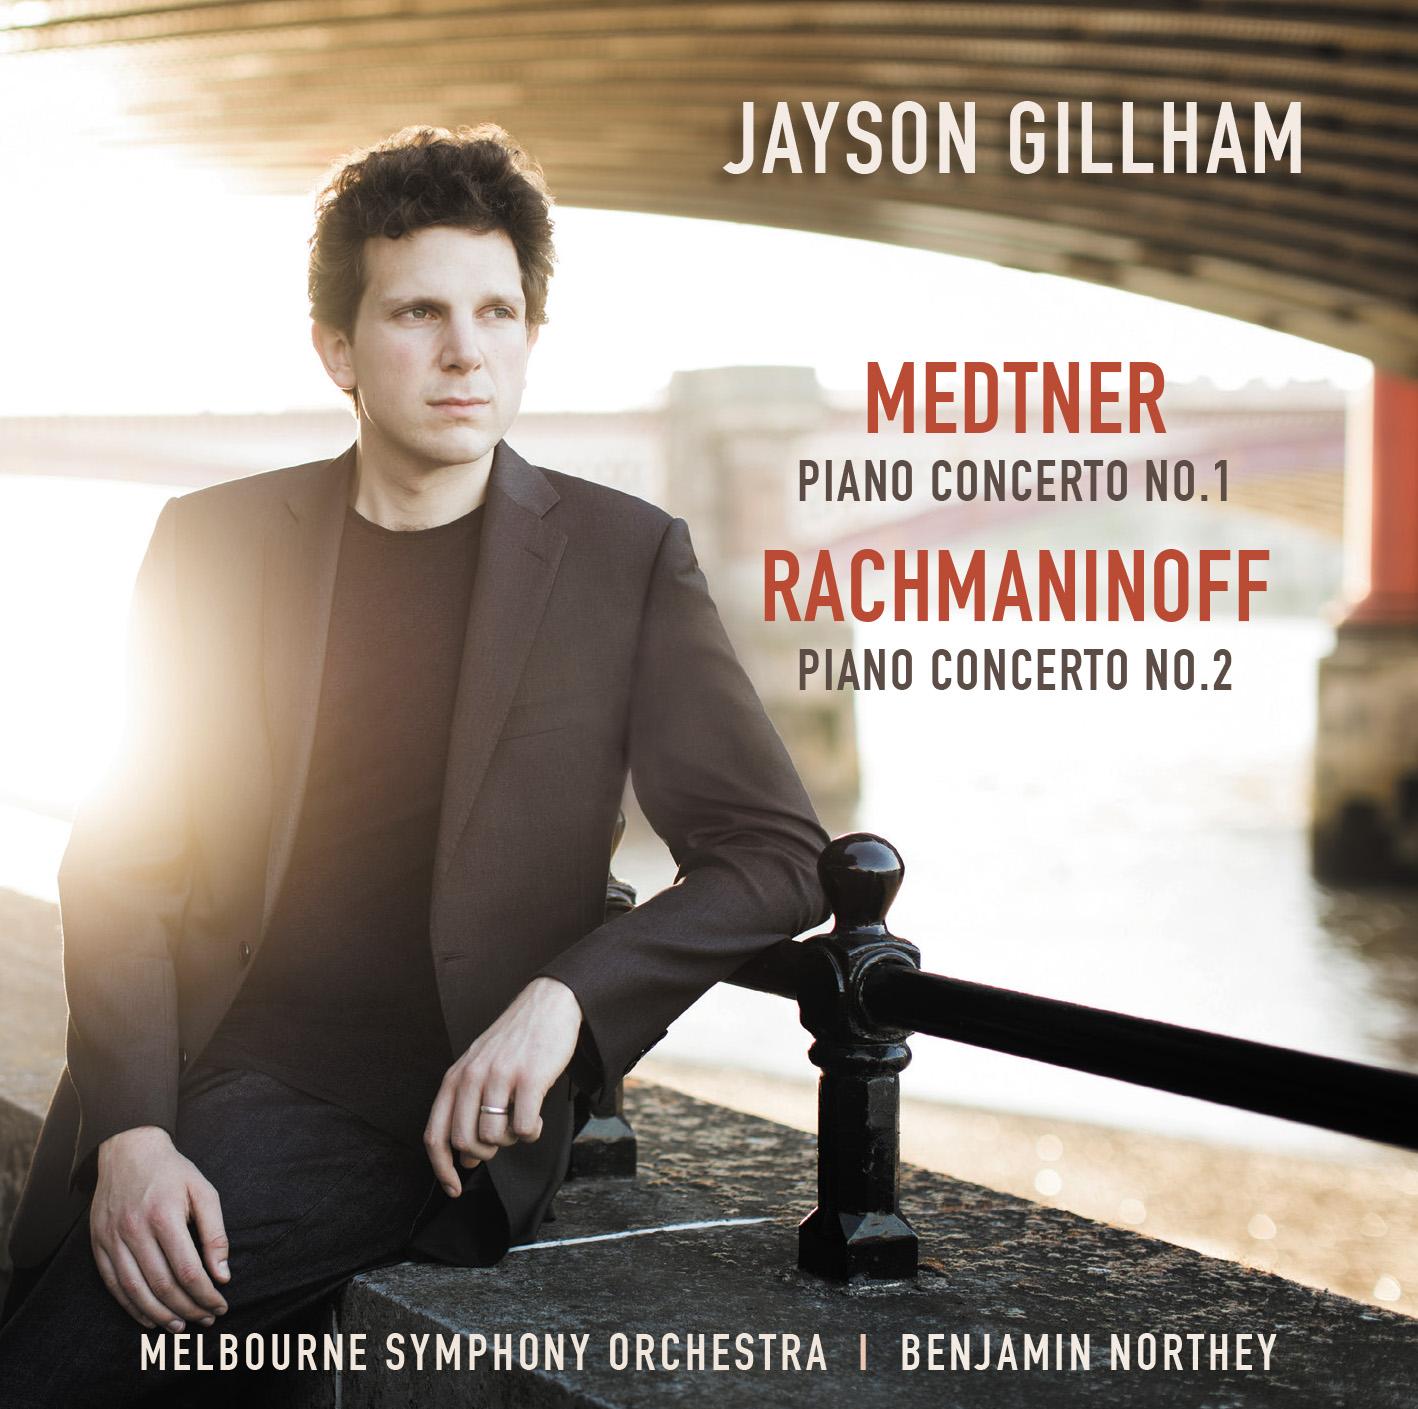 Jayson Gillham Medtner Rachmaninov